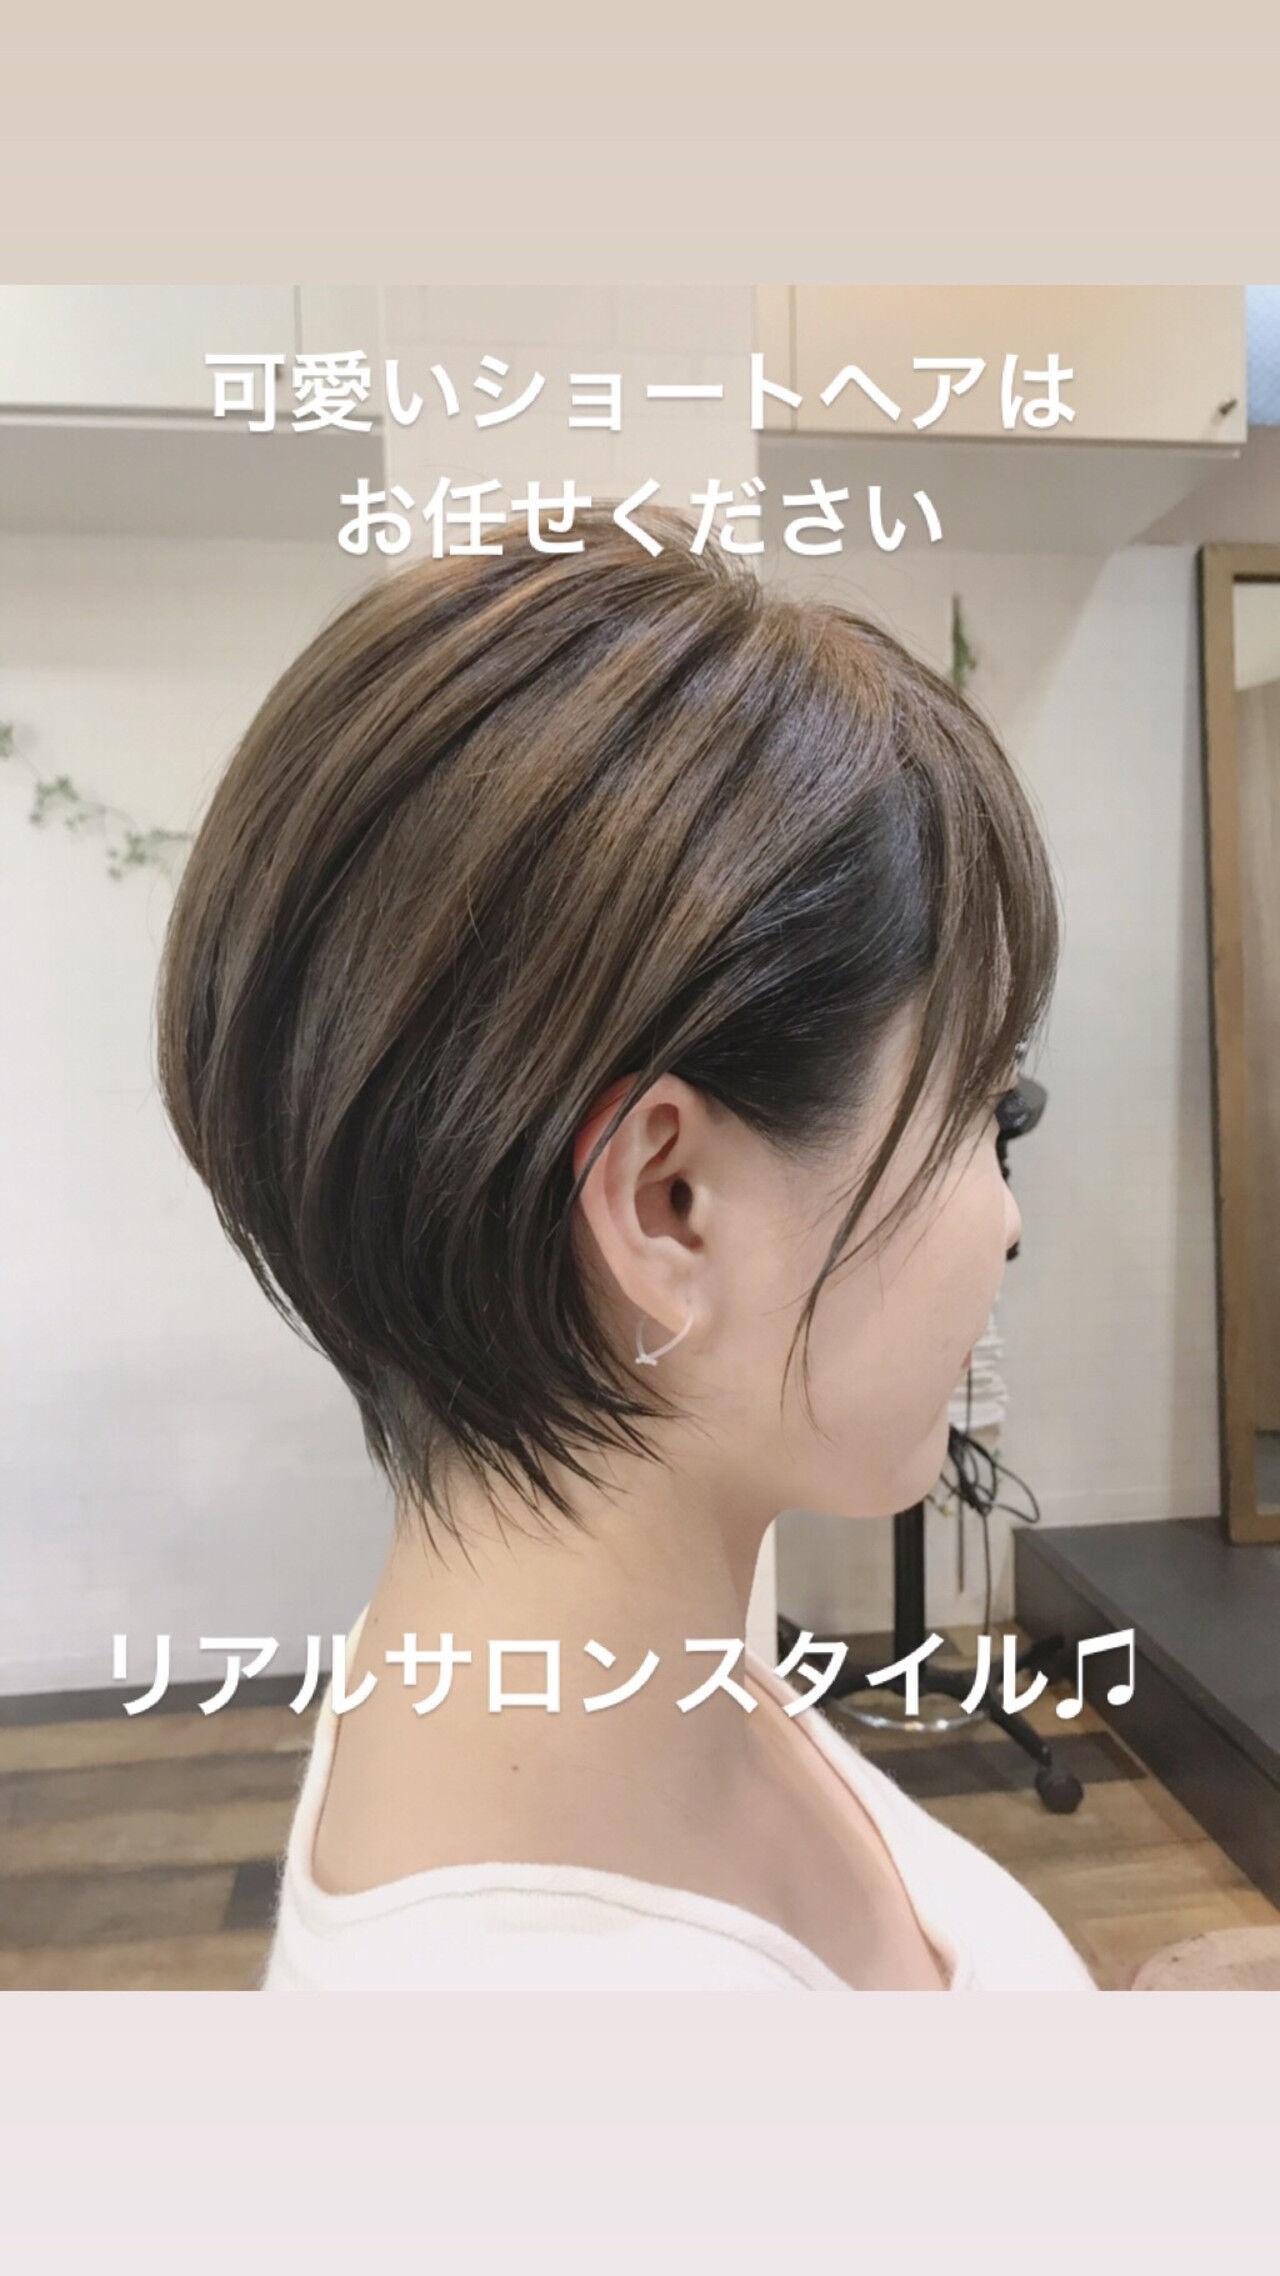 丸みショート ショート ナチュラル リアルサロンヘアスタイルや髪型の写真・画像